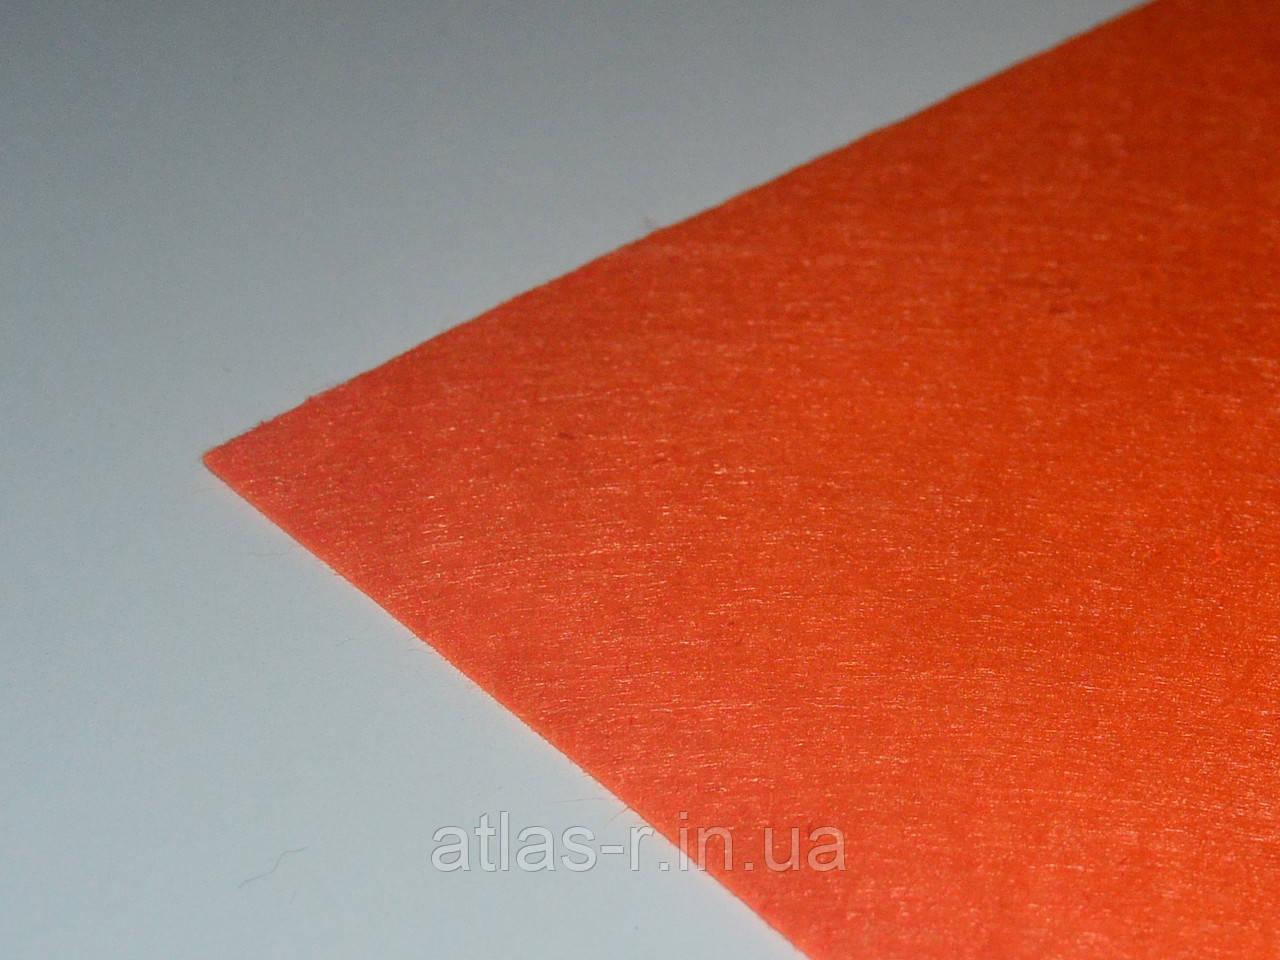 Жесткий фетр для рукоделия теплый оранжажевый